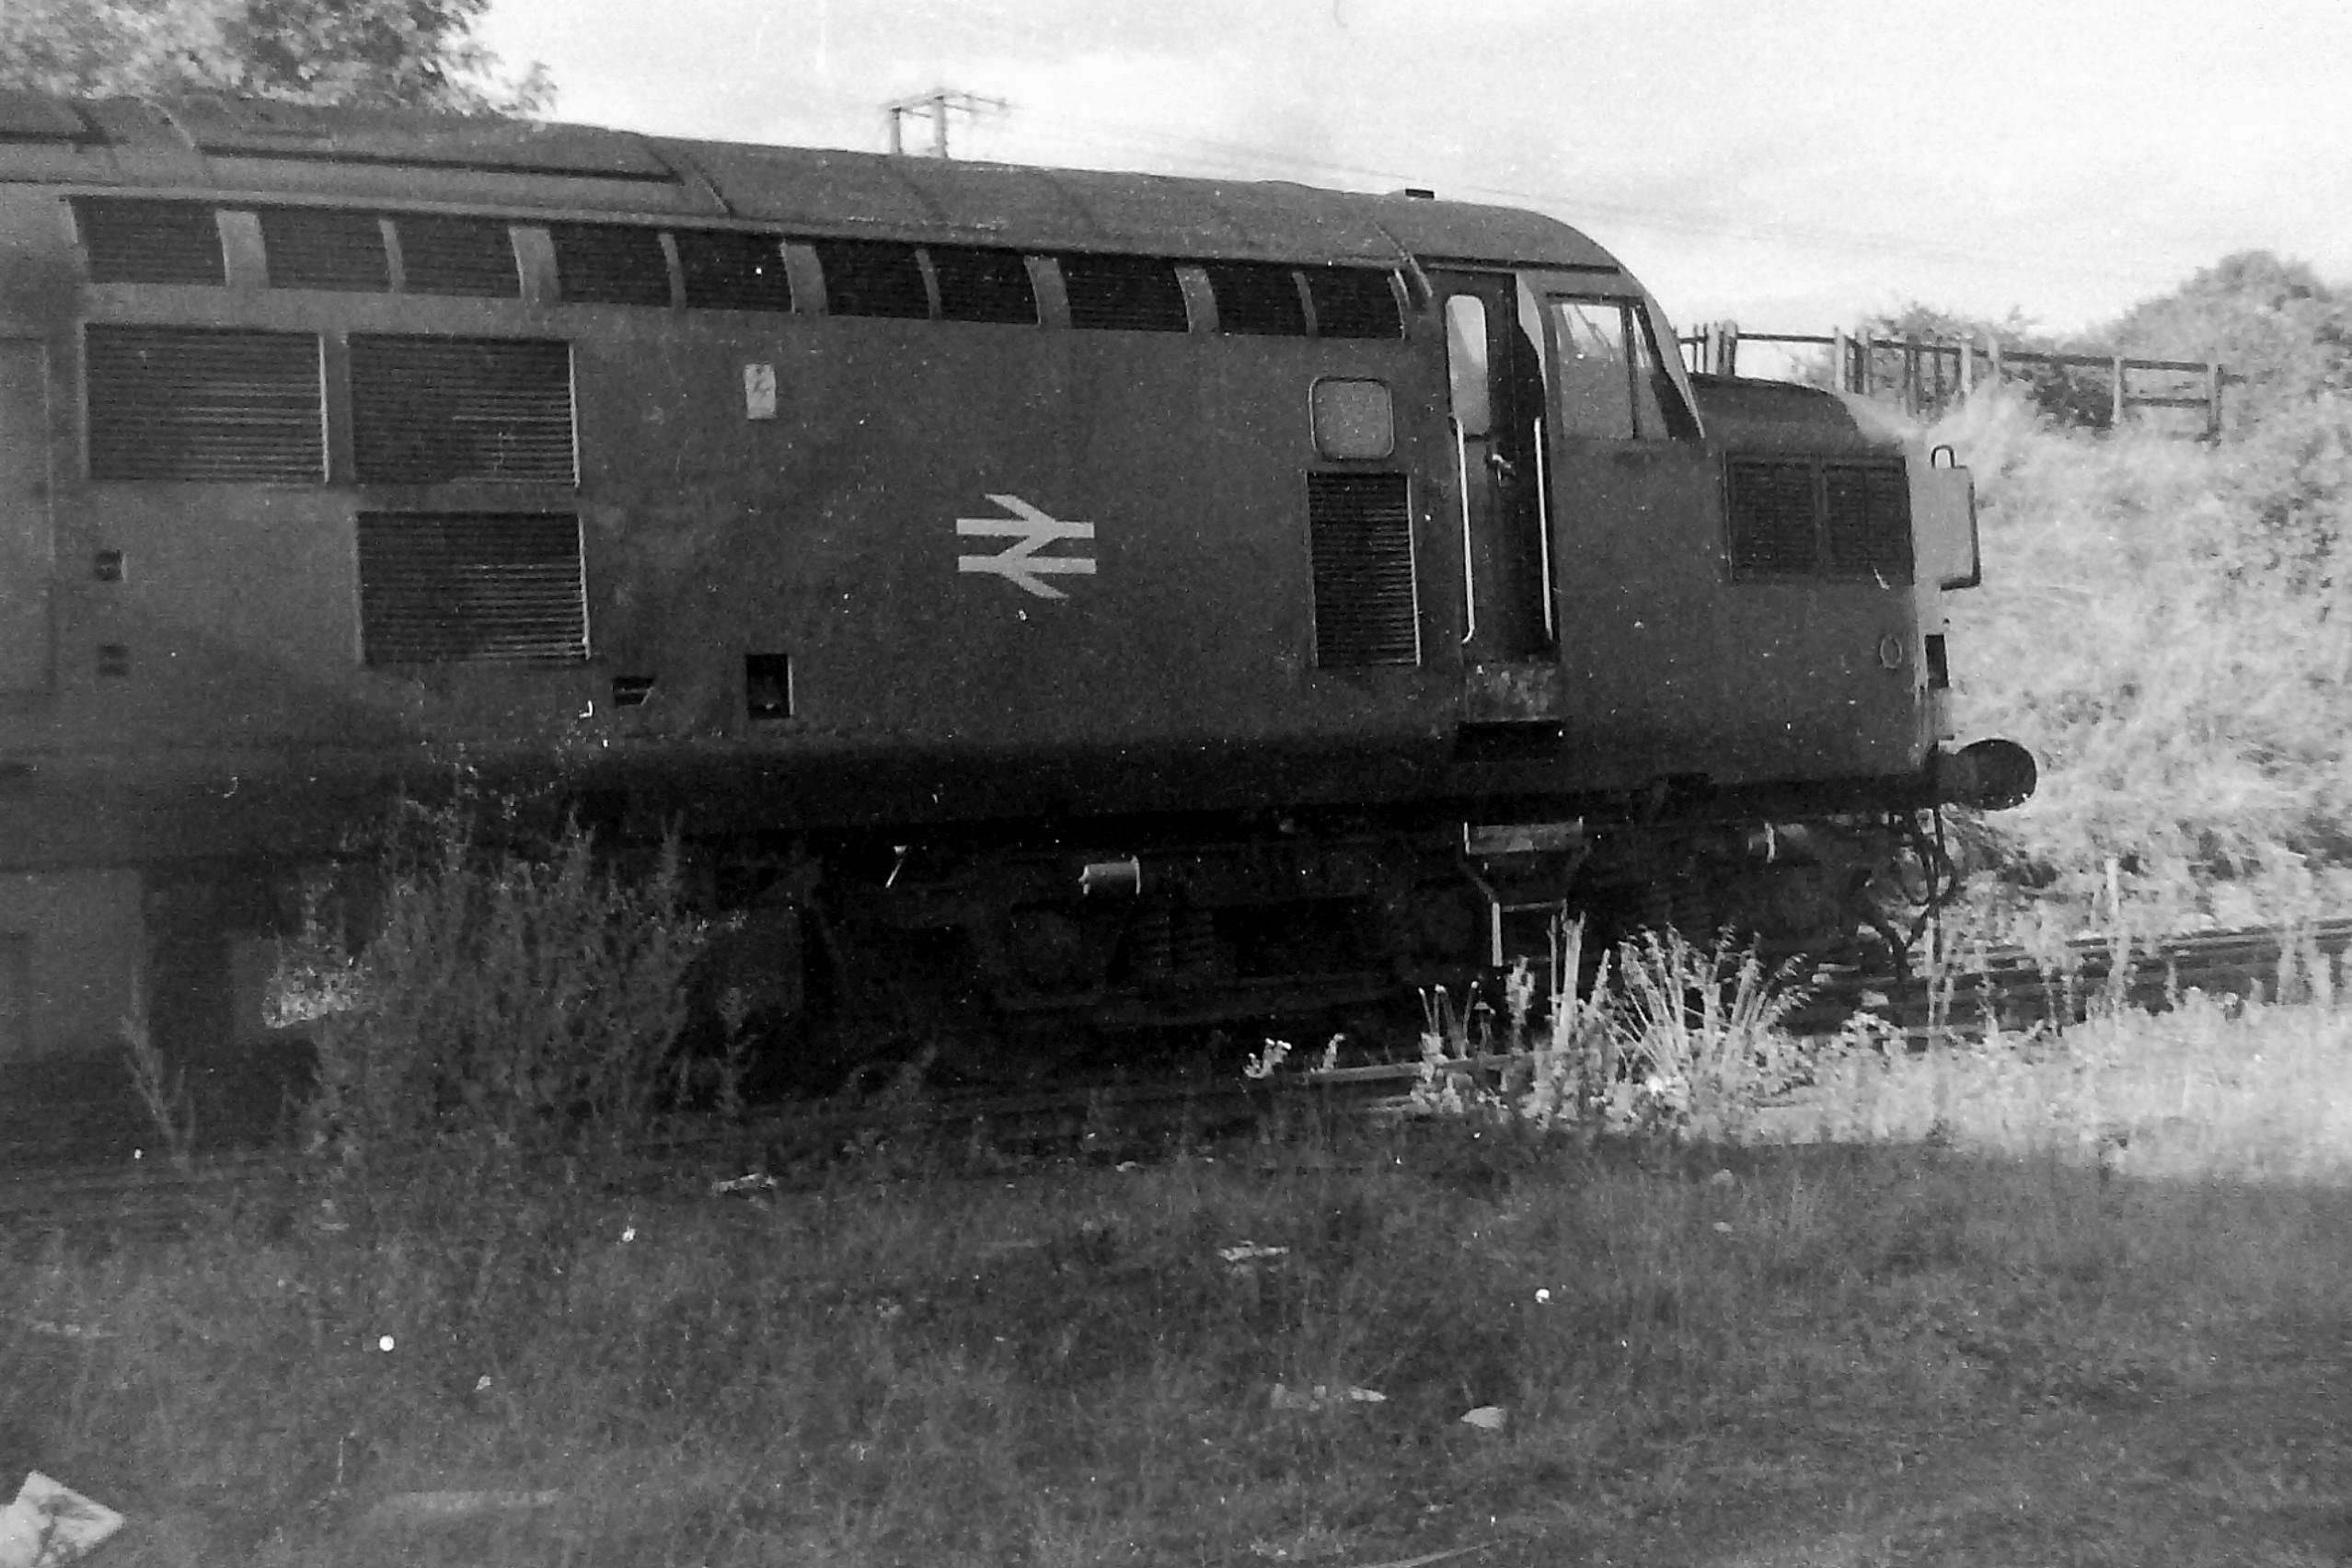 1984-09-18_15 Sth Pelaw Jcn 37005